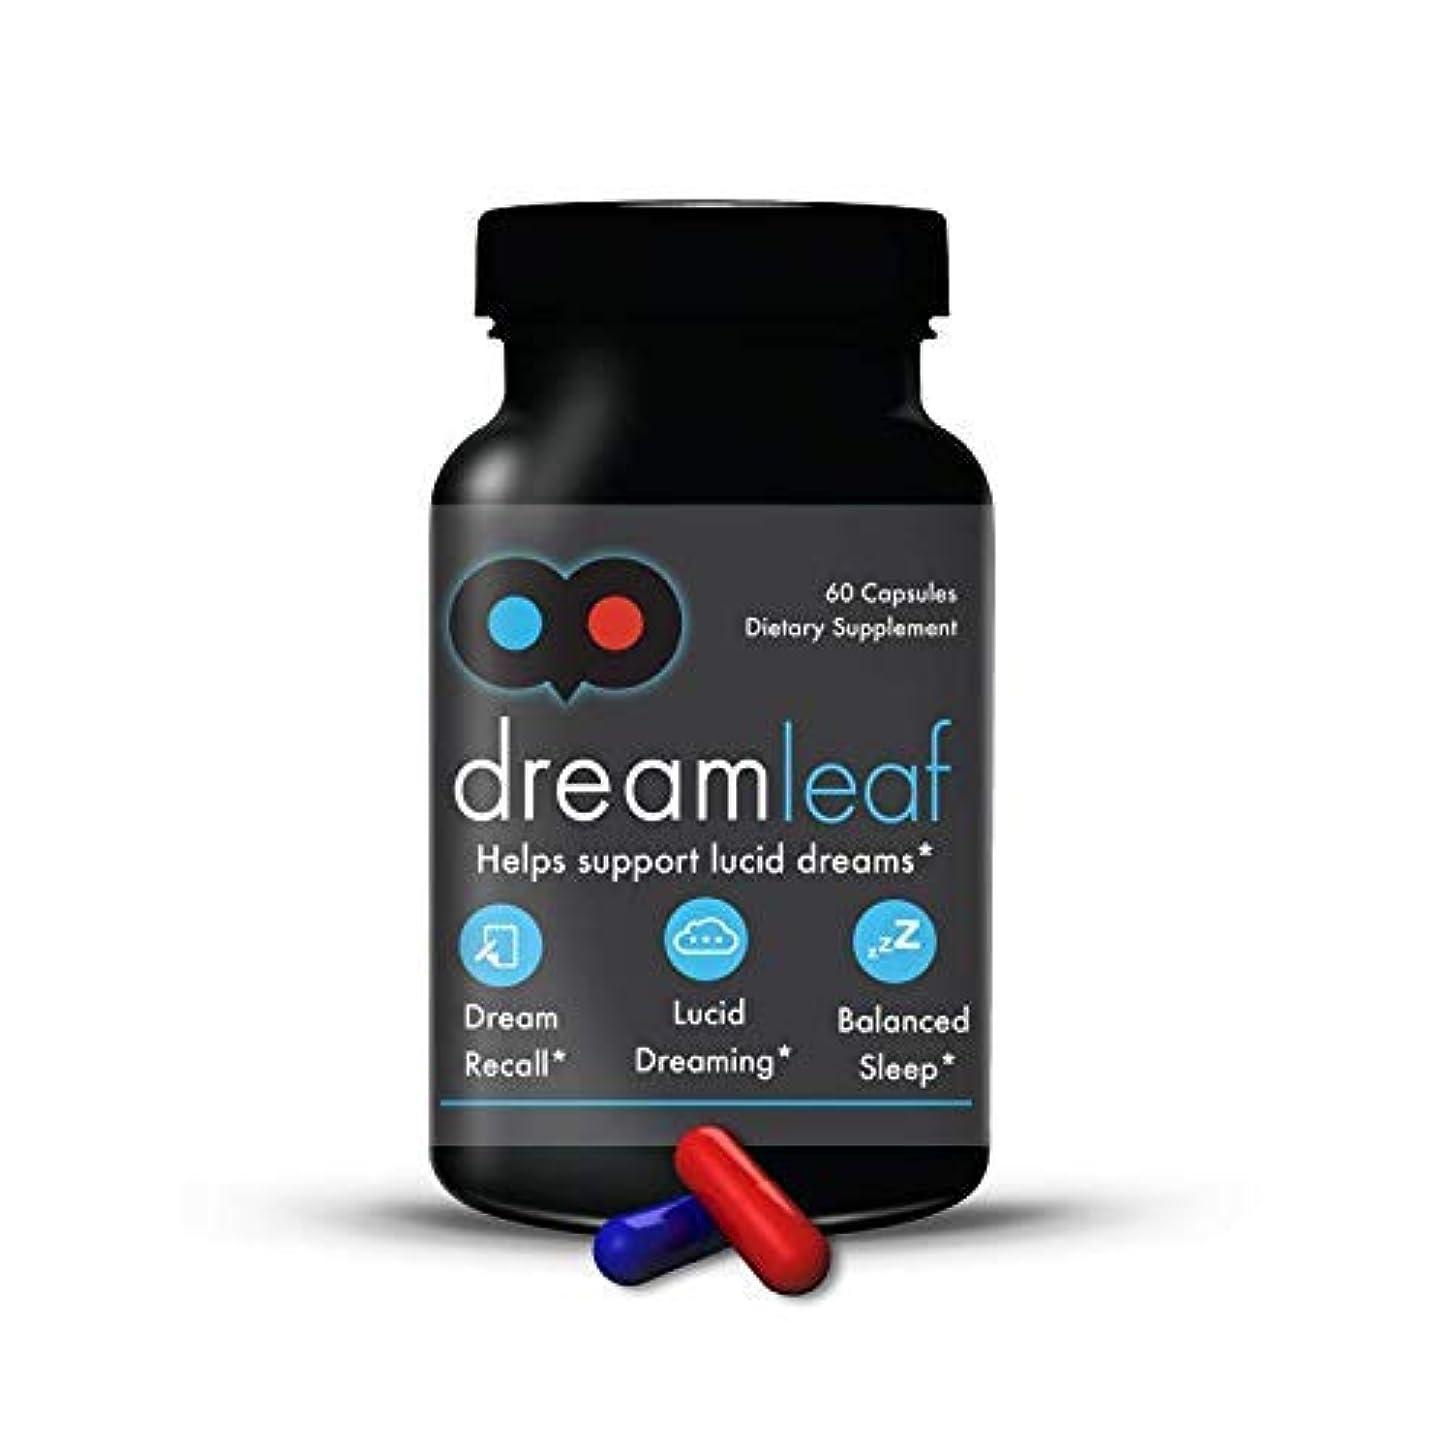 申請中管理する主権者Dream Leaf プロ - プレミアム 明晰夢 サプリメント 60 カプセル